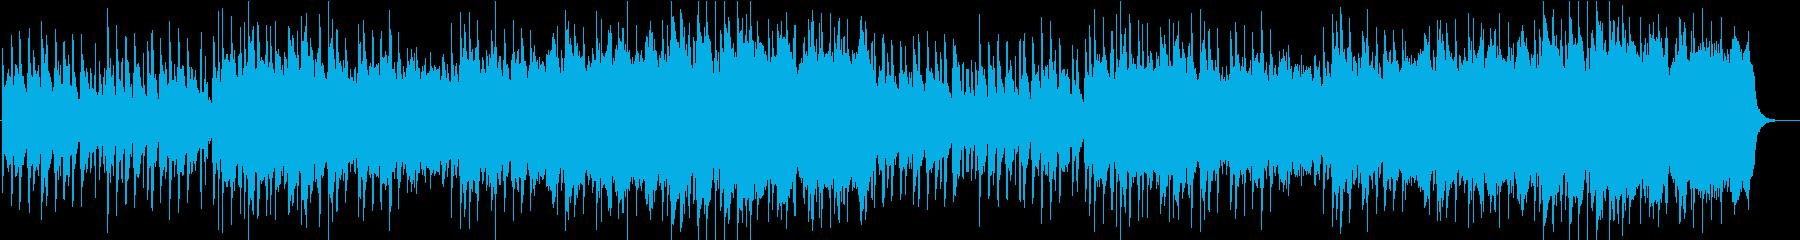 ふるさと オルゴールオーケストラverの再生済みの波形